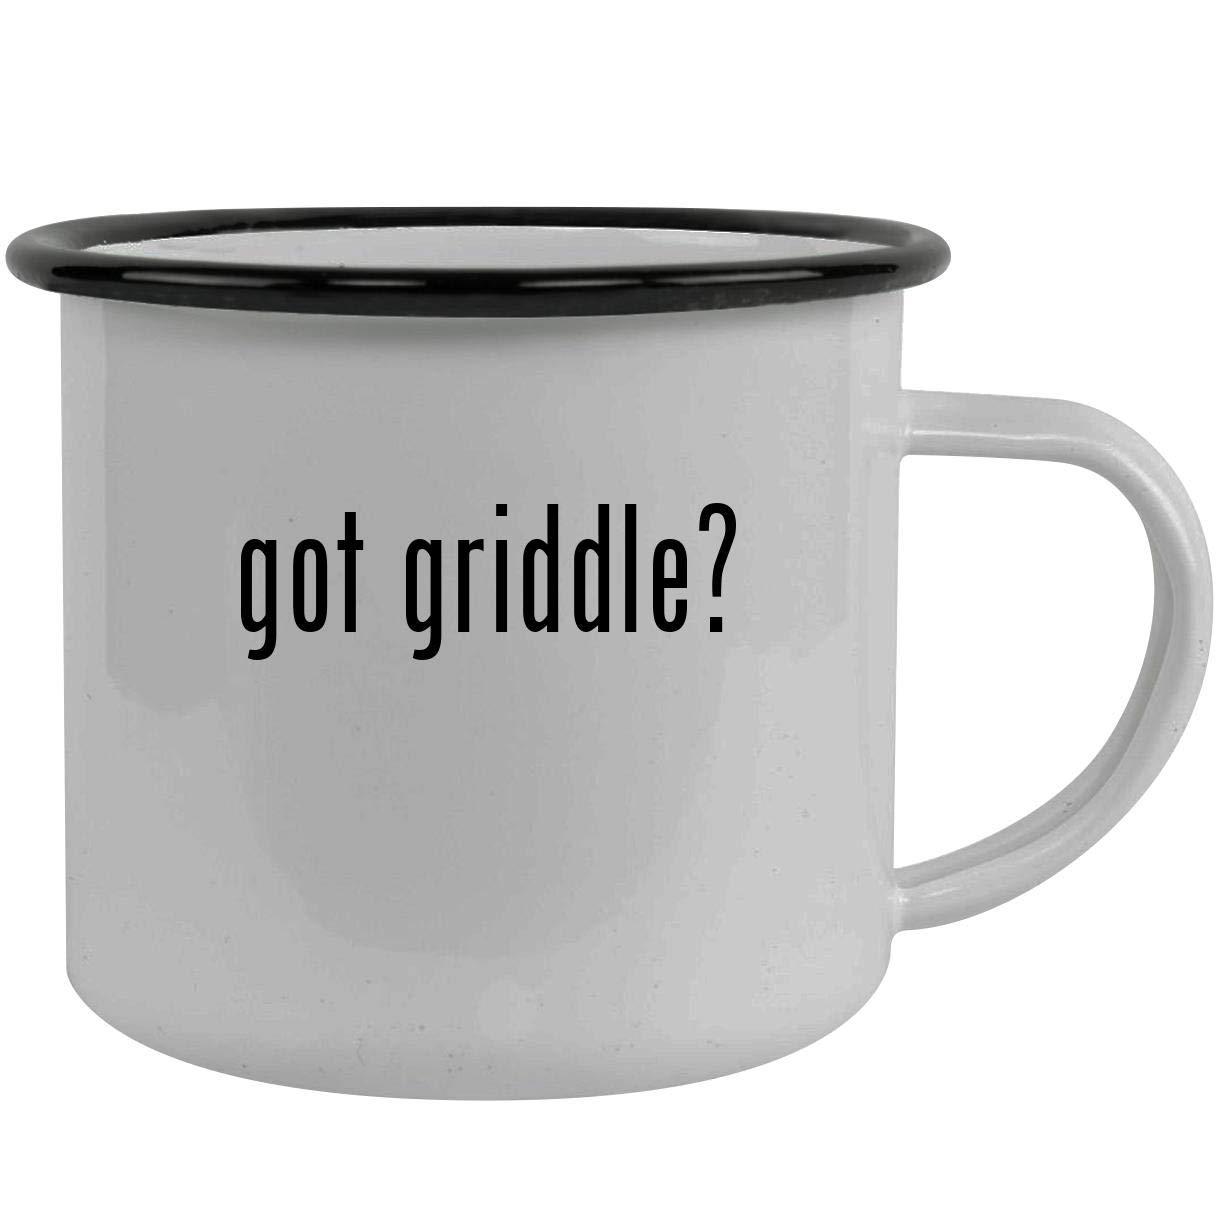 got griddle? - Stainless Steel 12oz Camping Mug, Black